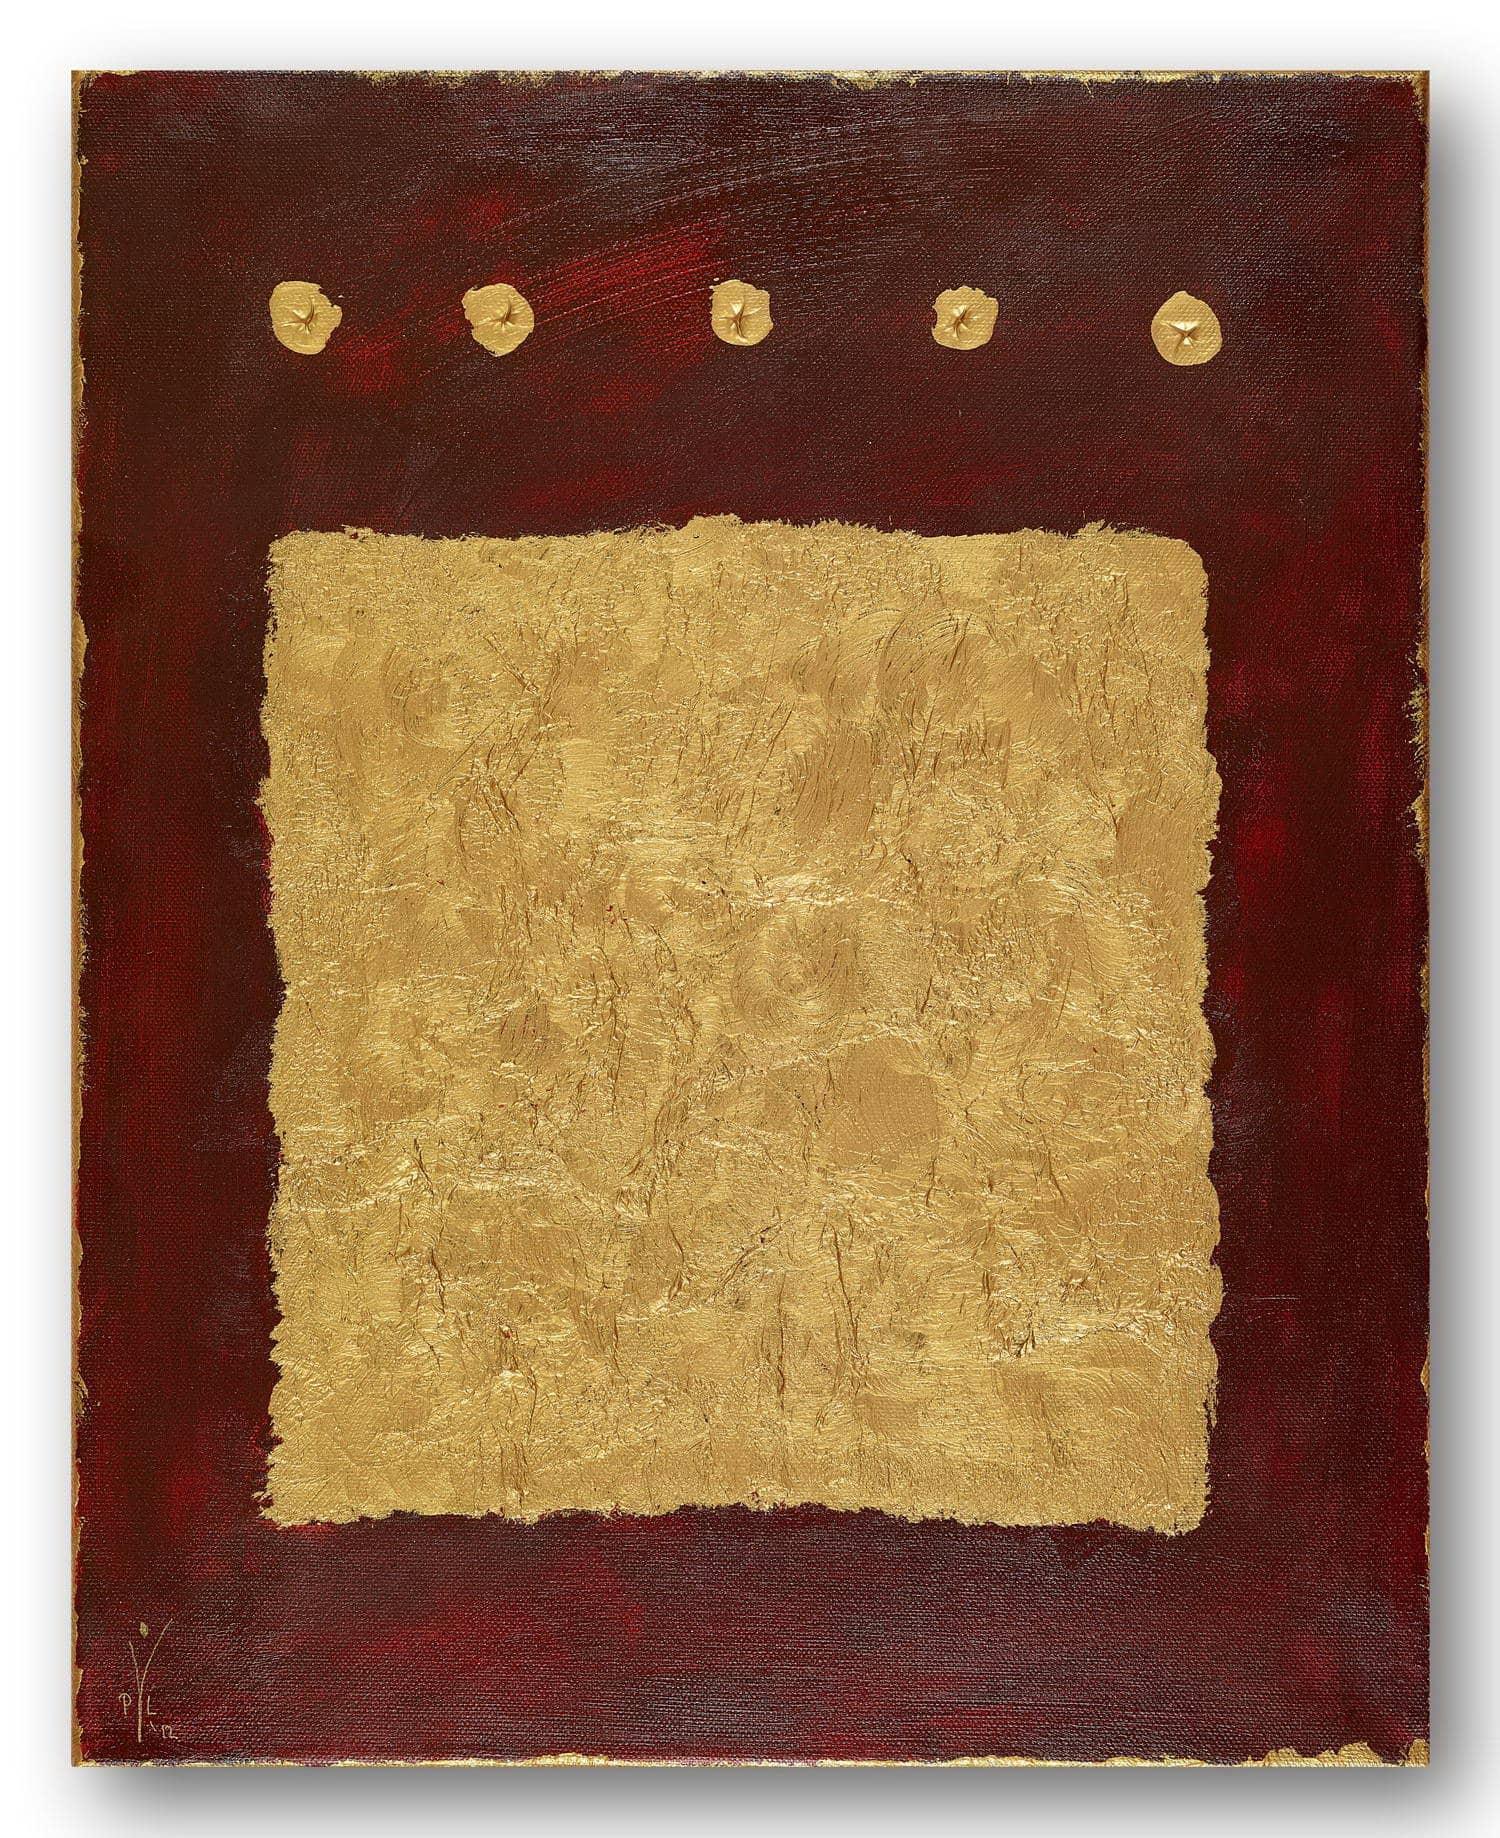 Kroenung in Afrika - Acrylic / Canvas 40 x 50 cm, 15.8 x 19.7 inch